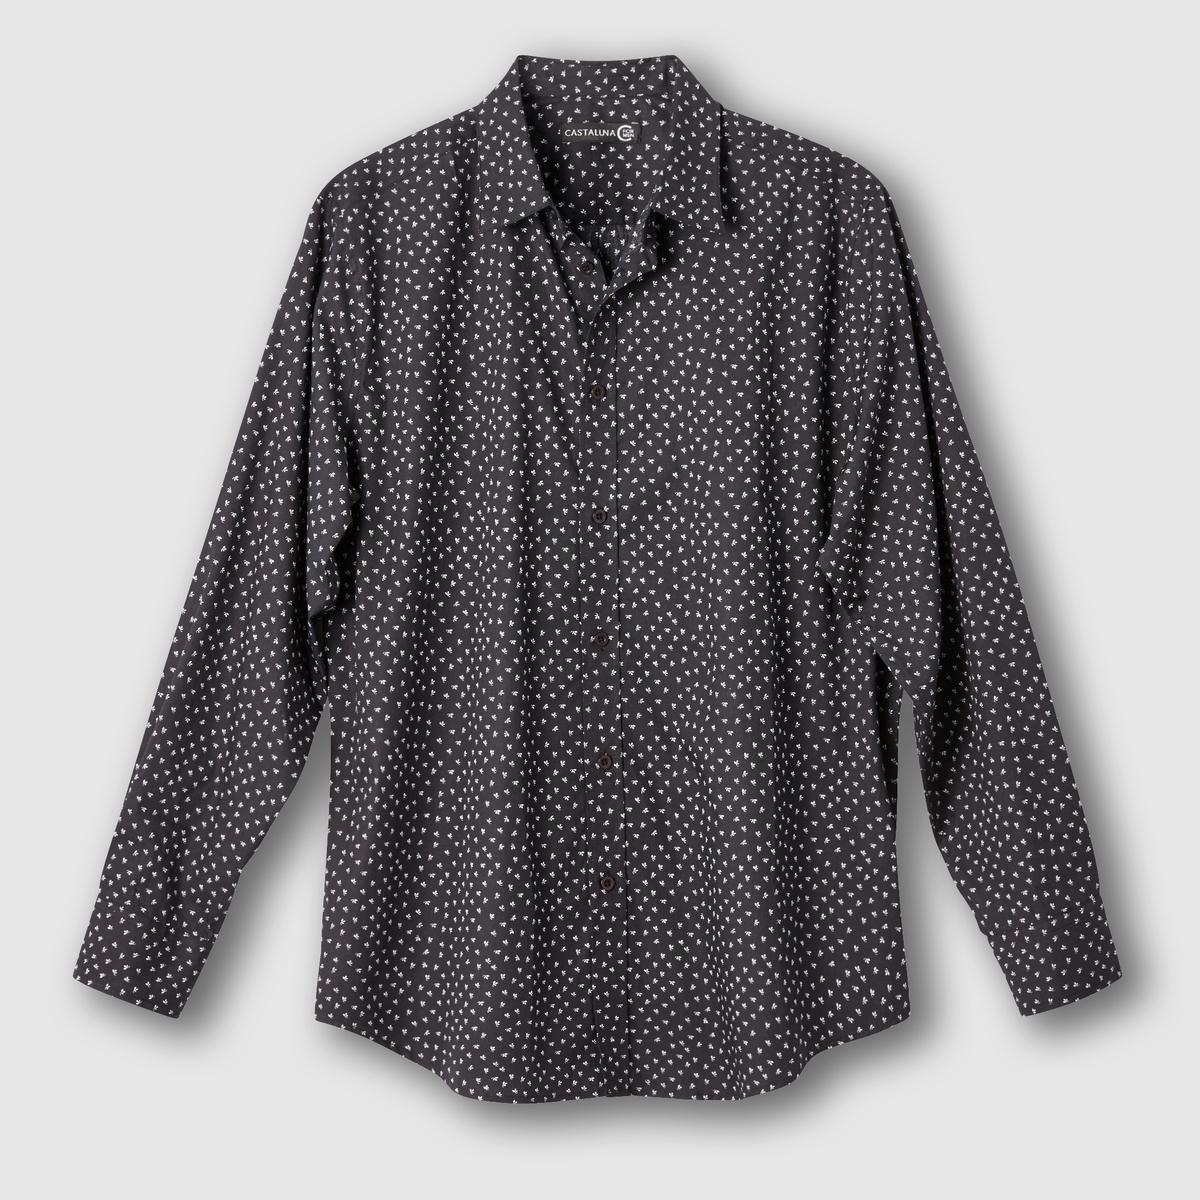 Рубашка с цветочным принтомРубашка с цветочным принтом. Длинные рукава. Воротник со свободными уголками. Складка сзади и петля для вешалки. Закругленный низ. Поплин, 100% хлопка. Длина 83 см.<br><br>Цвет: антрацит,бордовый<br>Размер: 51/52.55/56.47/48